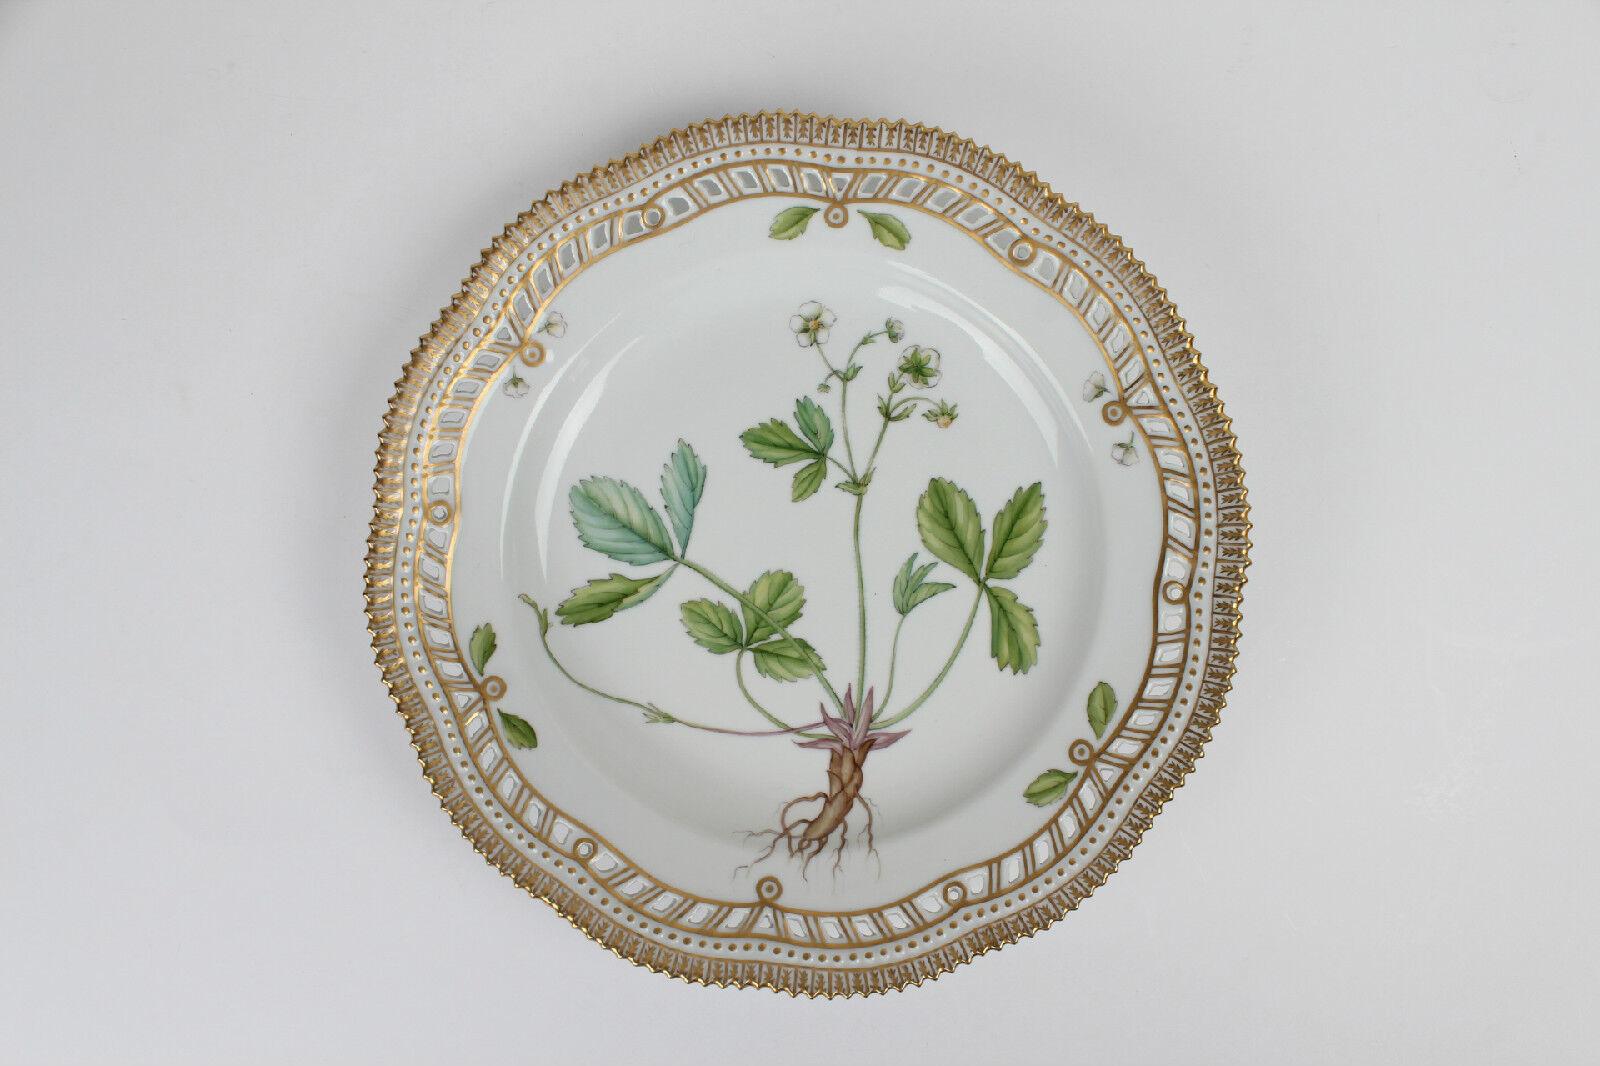 Flora Danica Royal Copenhagen 10  large Plate lace 20 3553 3535 1 quality danish